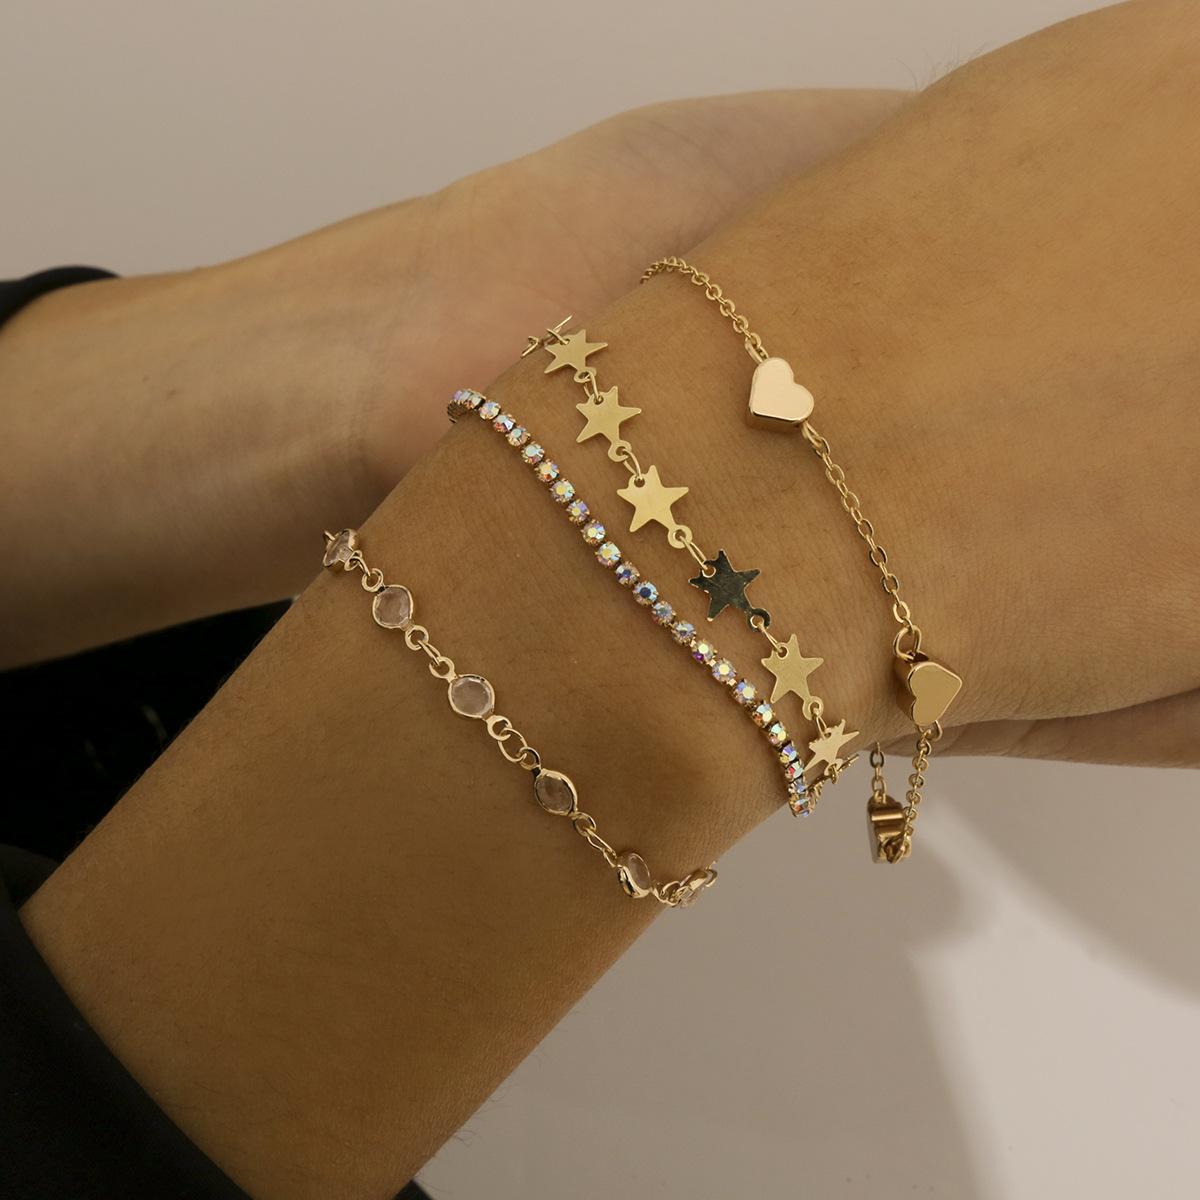 4pcs / set amore cuore stella catena di metallo braccialetto per le donne femmina vintage oro colore collegamento braccialetti gioielli moda gioielli